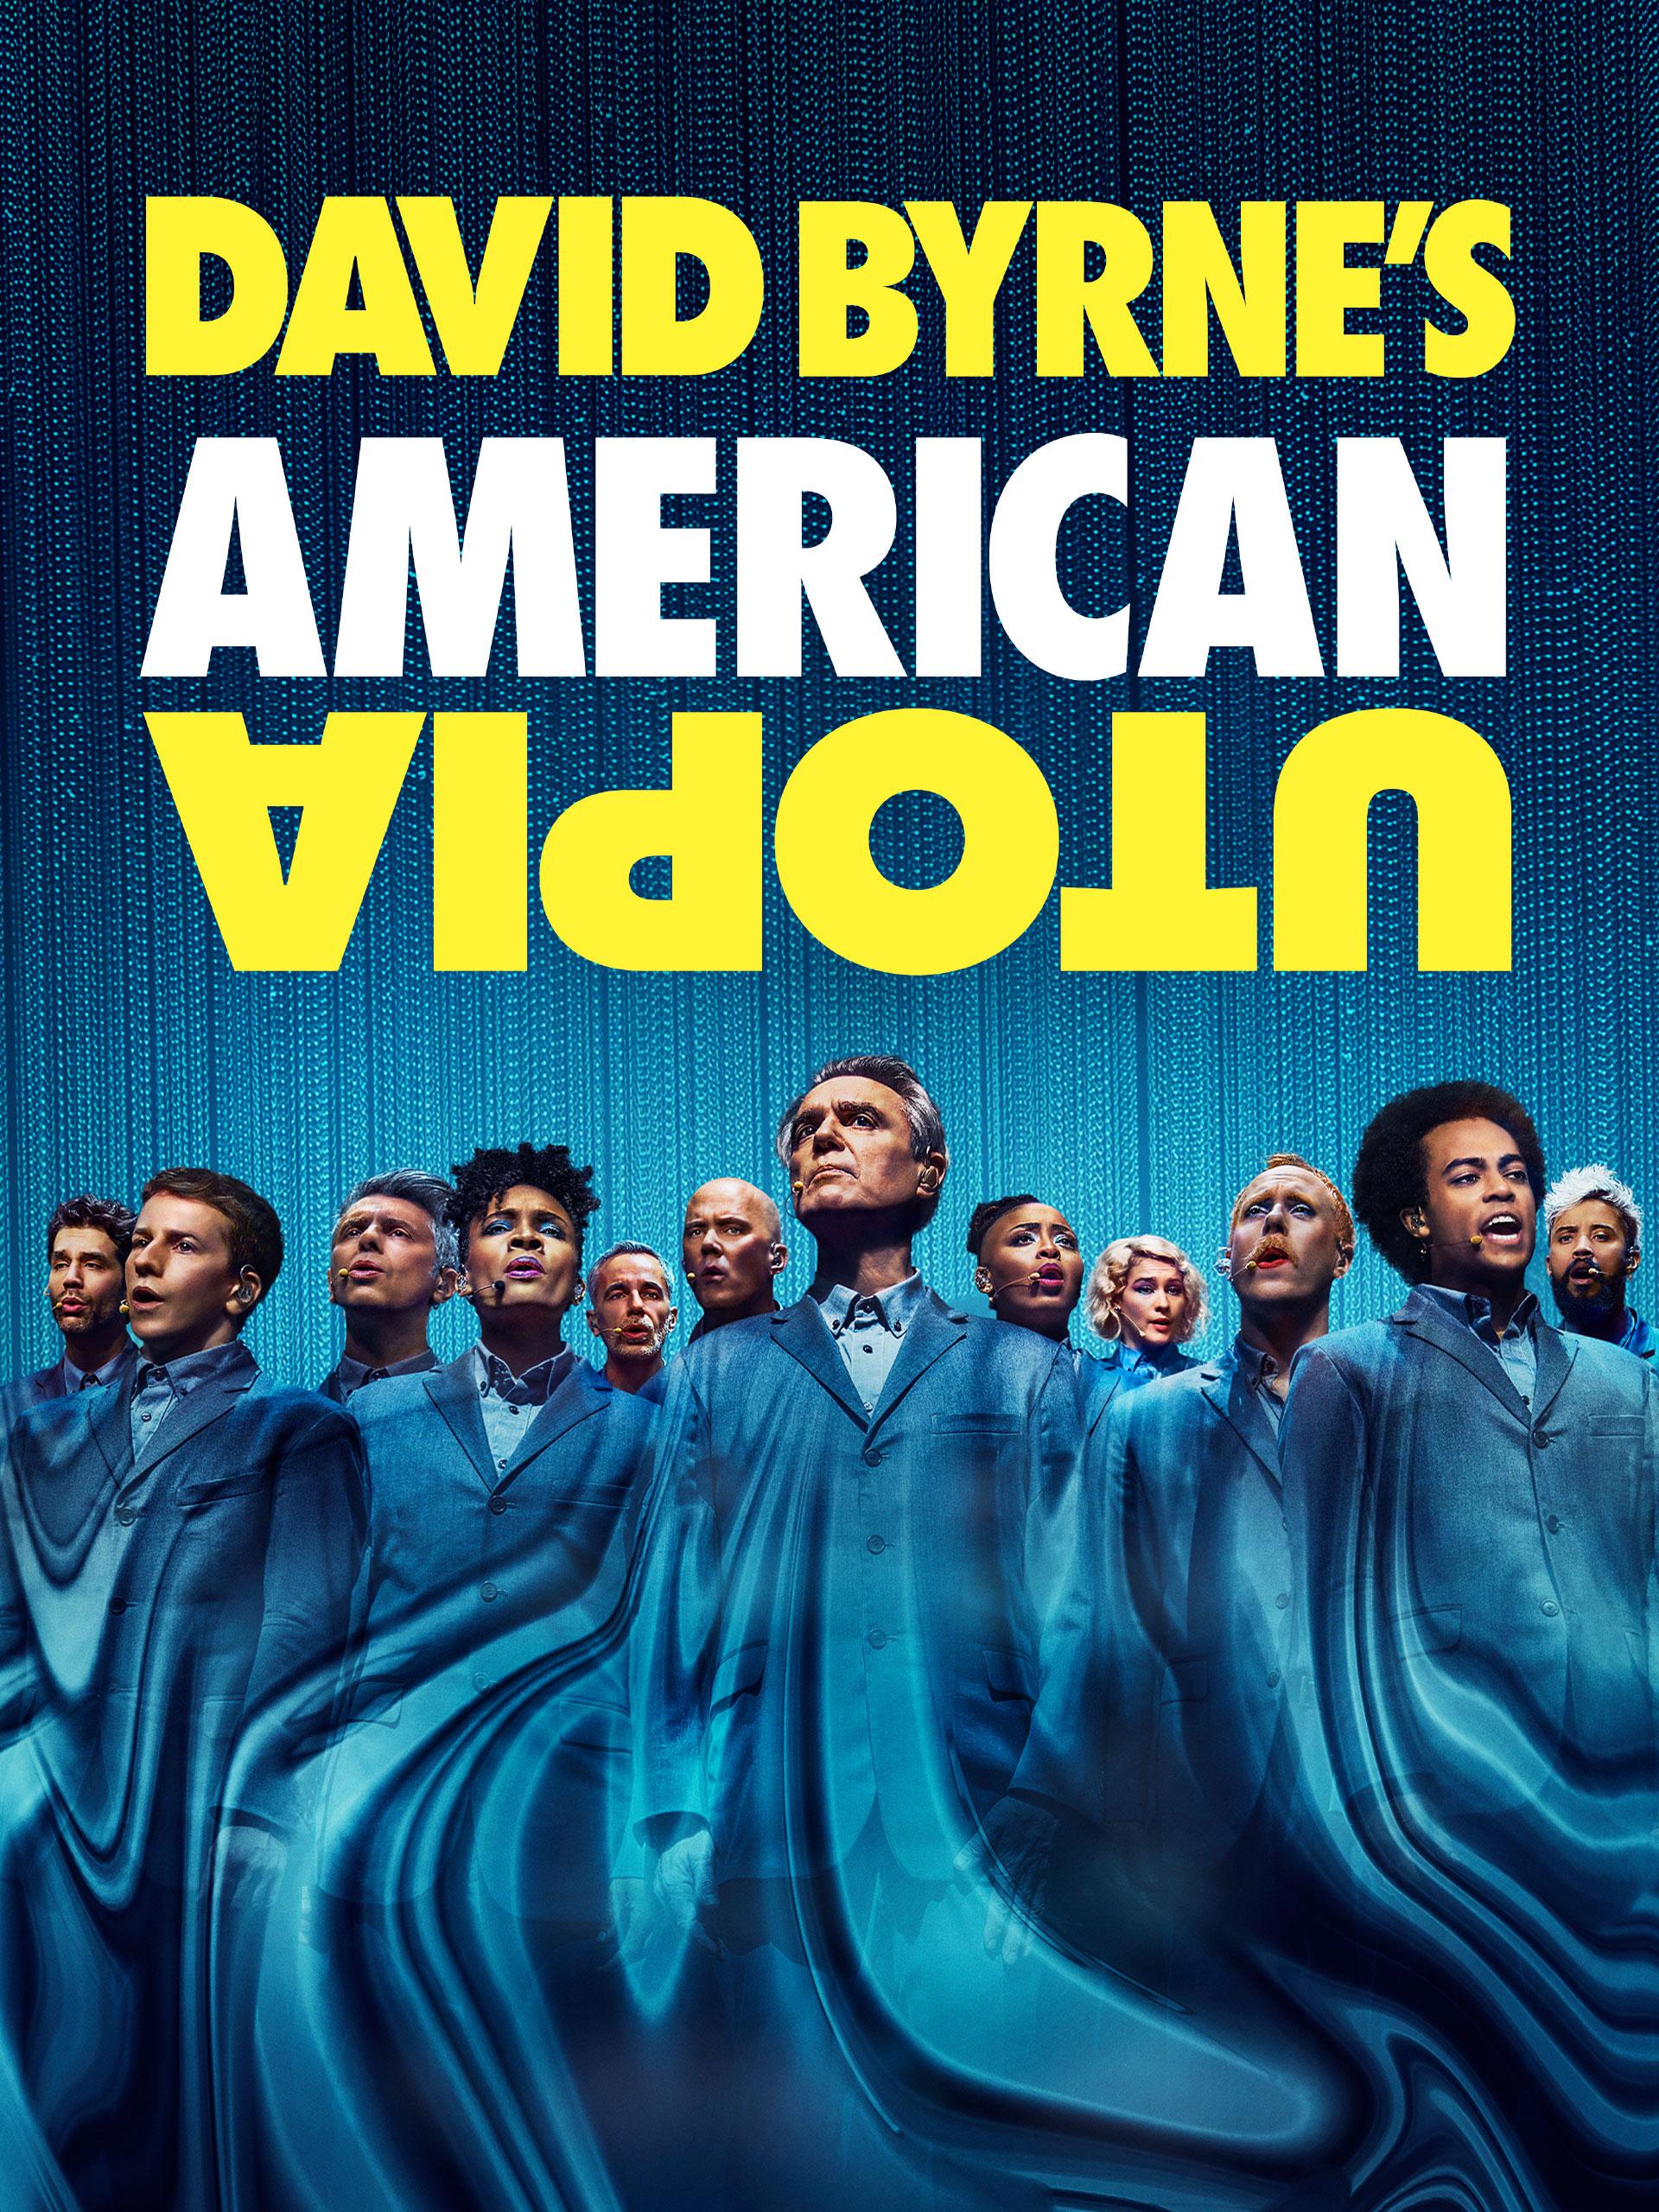 Prime Video: David Byrne's American Utopia